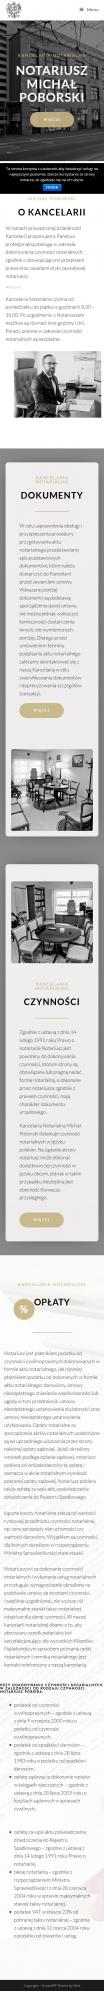 Screenshot 2019 11 04 Kancelaria Notarialna Michał Poborski – Kolejna Witryna Oparta Na WordPressie